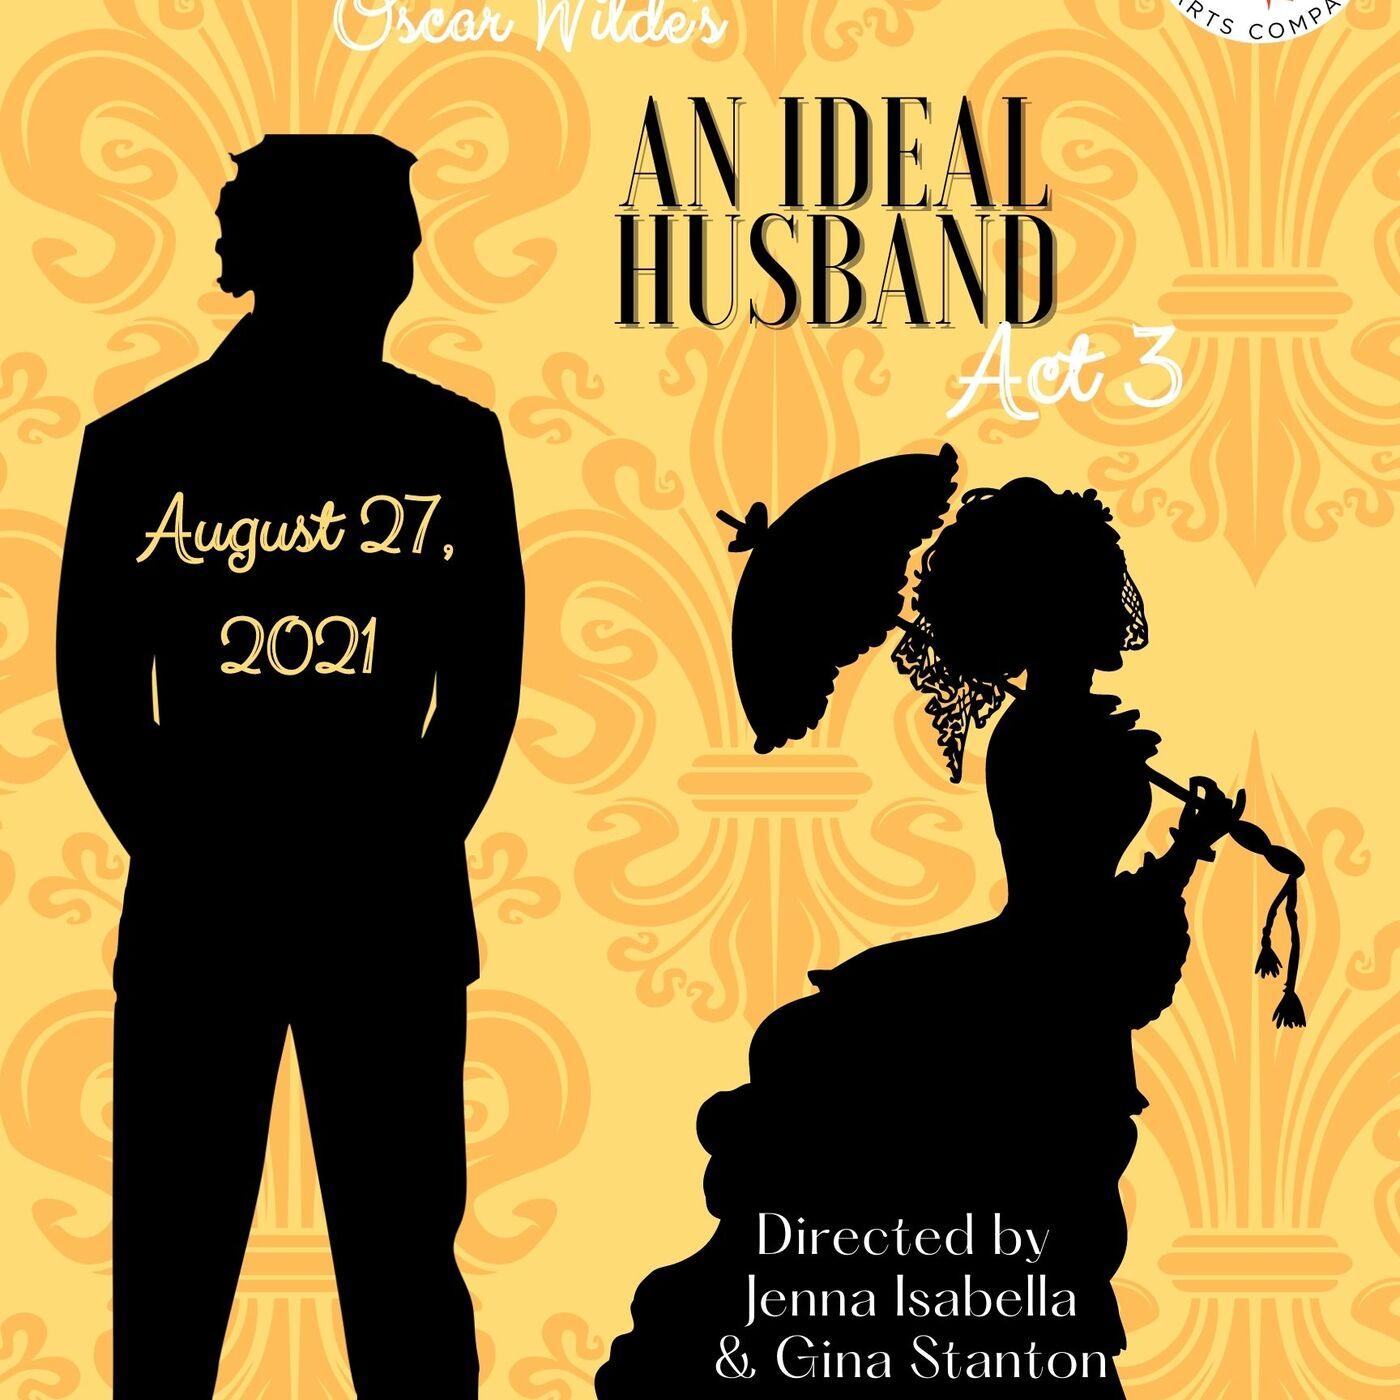 An Ideal Husband, Act 3